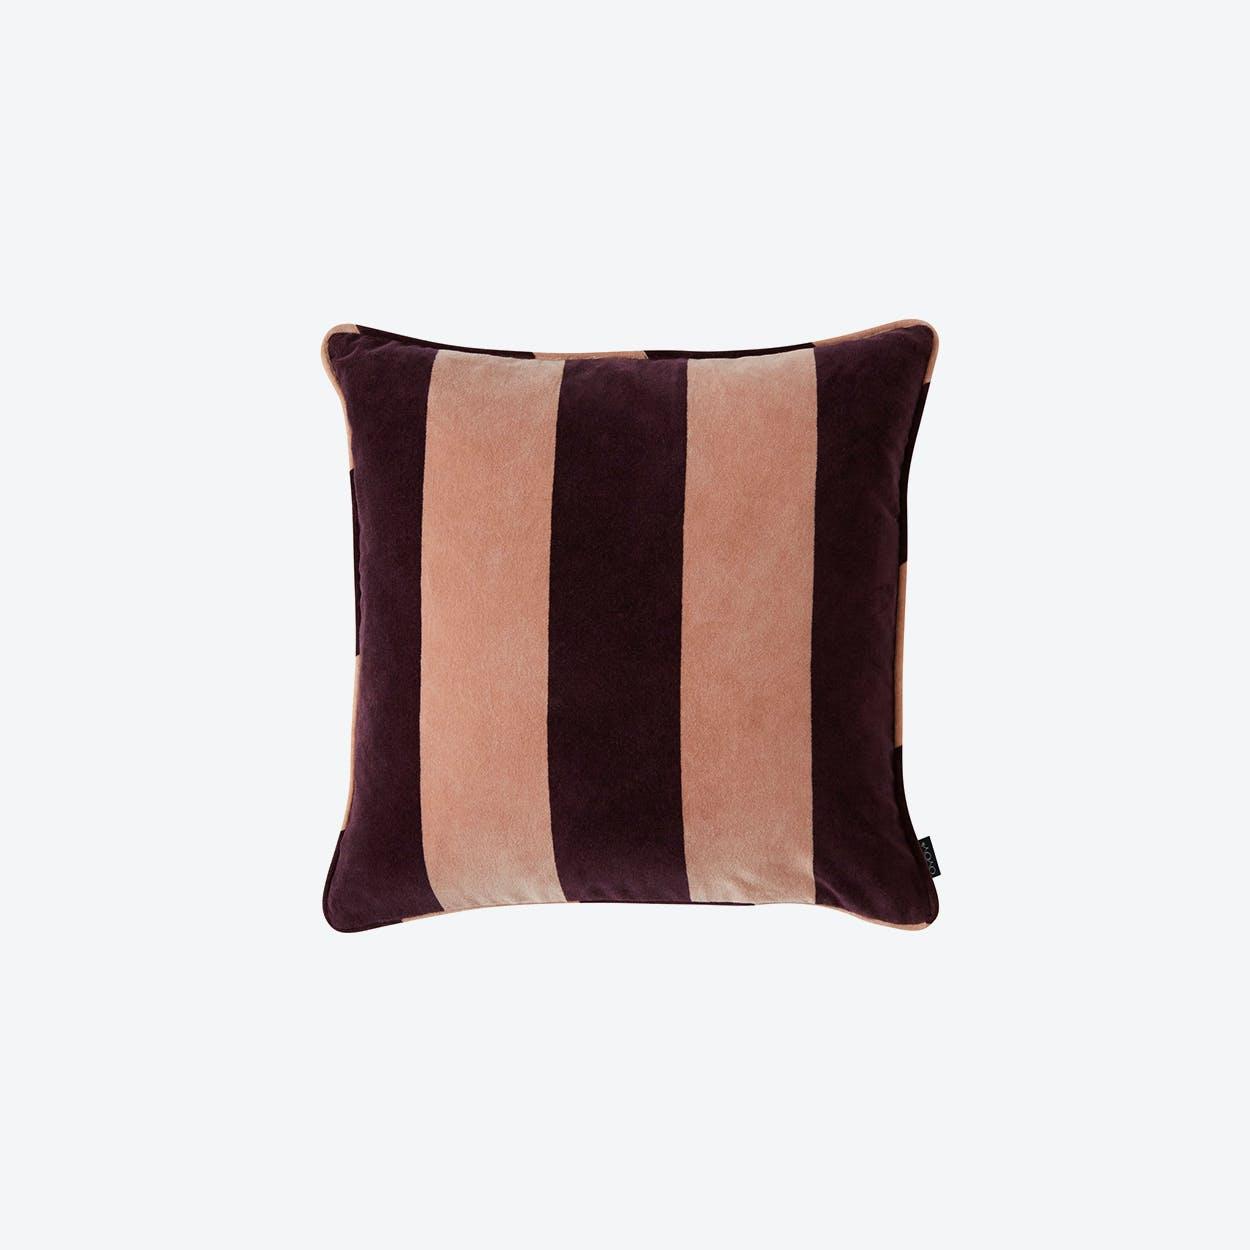 Confect Velvet Cushion in Rose/Aubergine